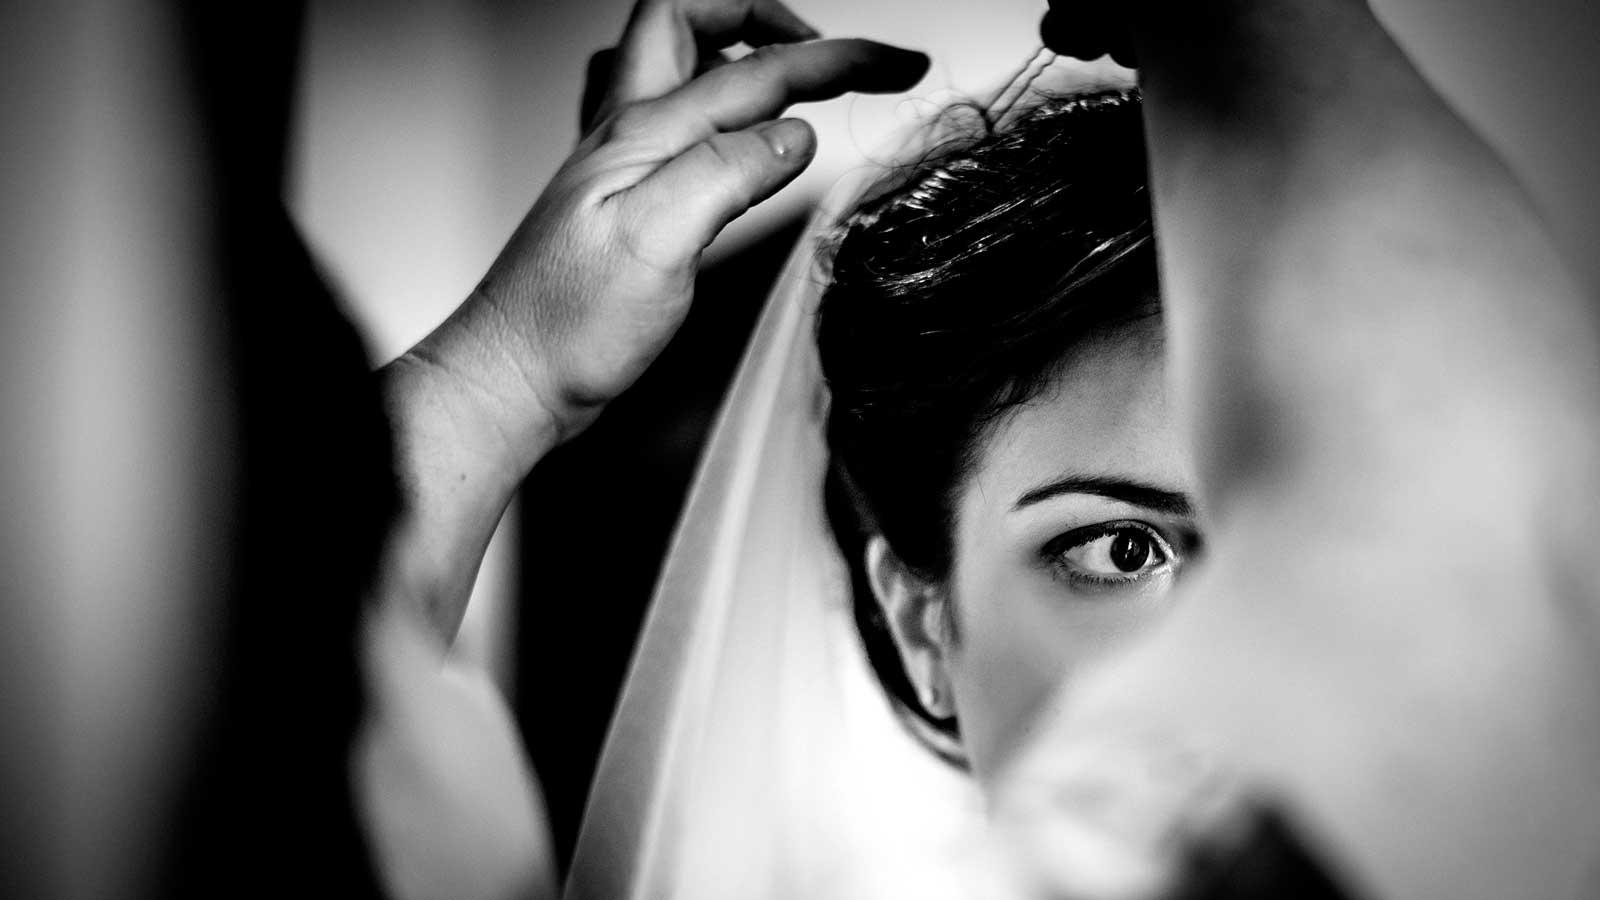 fotografo-matrimonio-taormina-sicilia-luxury-wedding-reportage-di-matrimonio-fotografo-messina-06